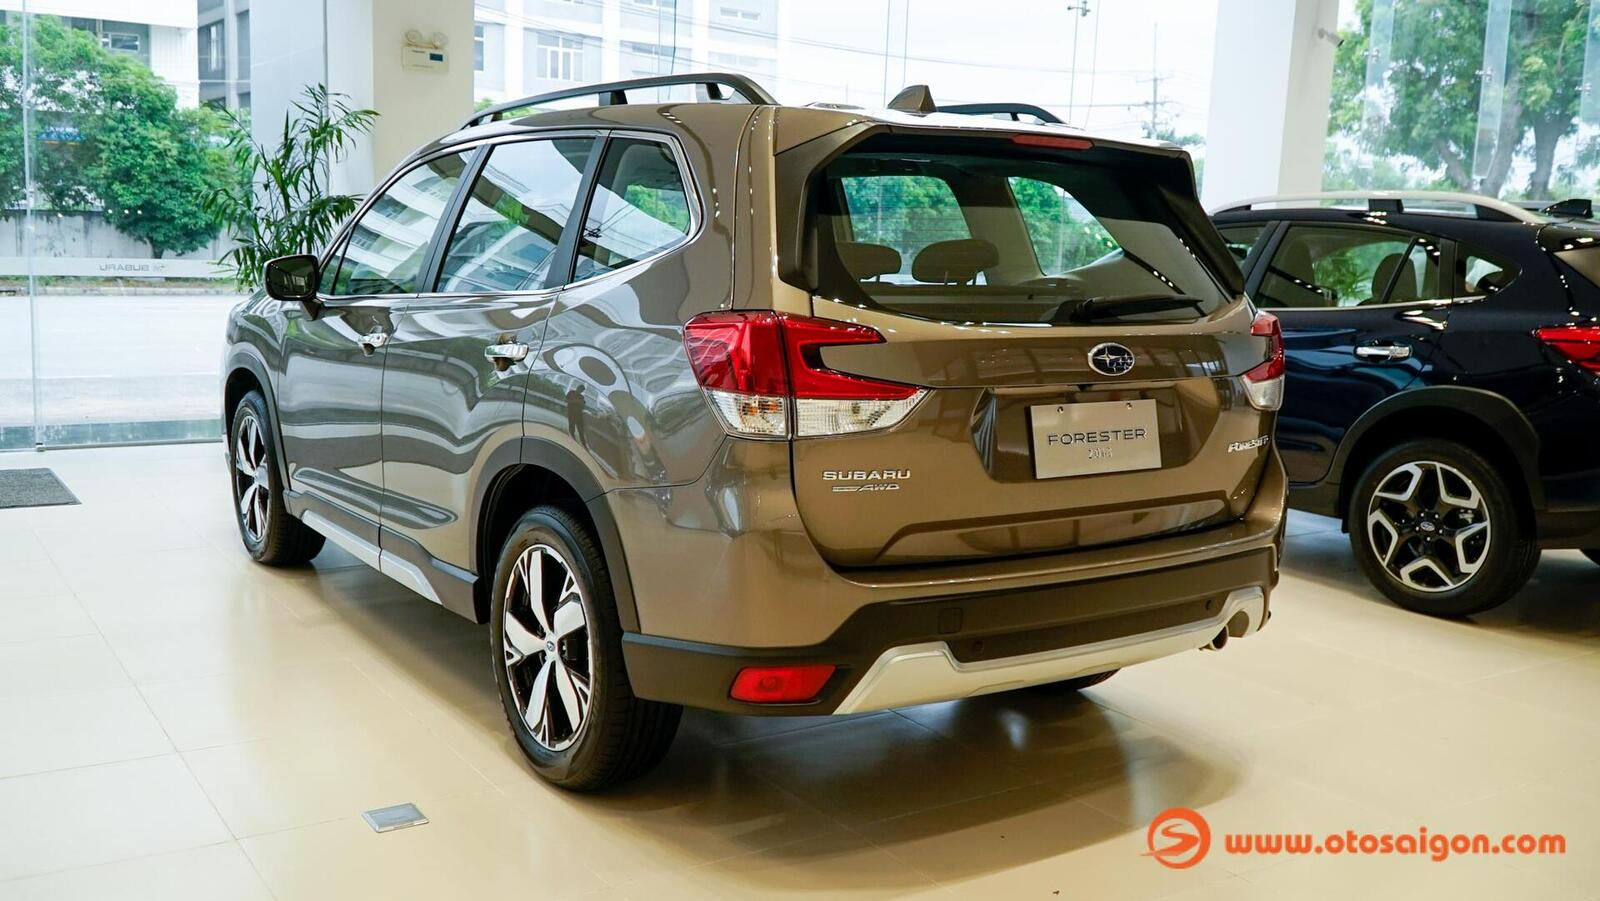 Đánh giá nhanh Subaru Forester thế hệ mới và sự khác biệt giữa hai phiên bản - Hình 24